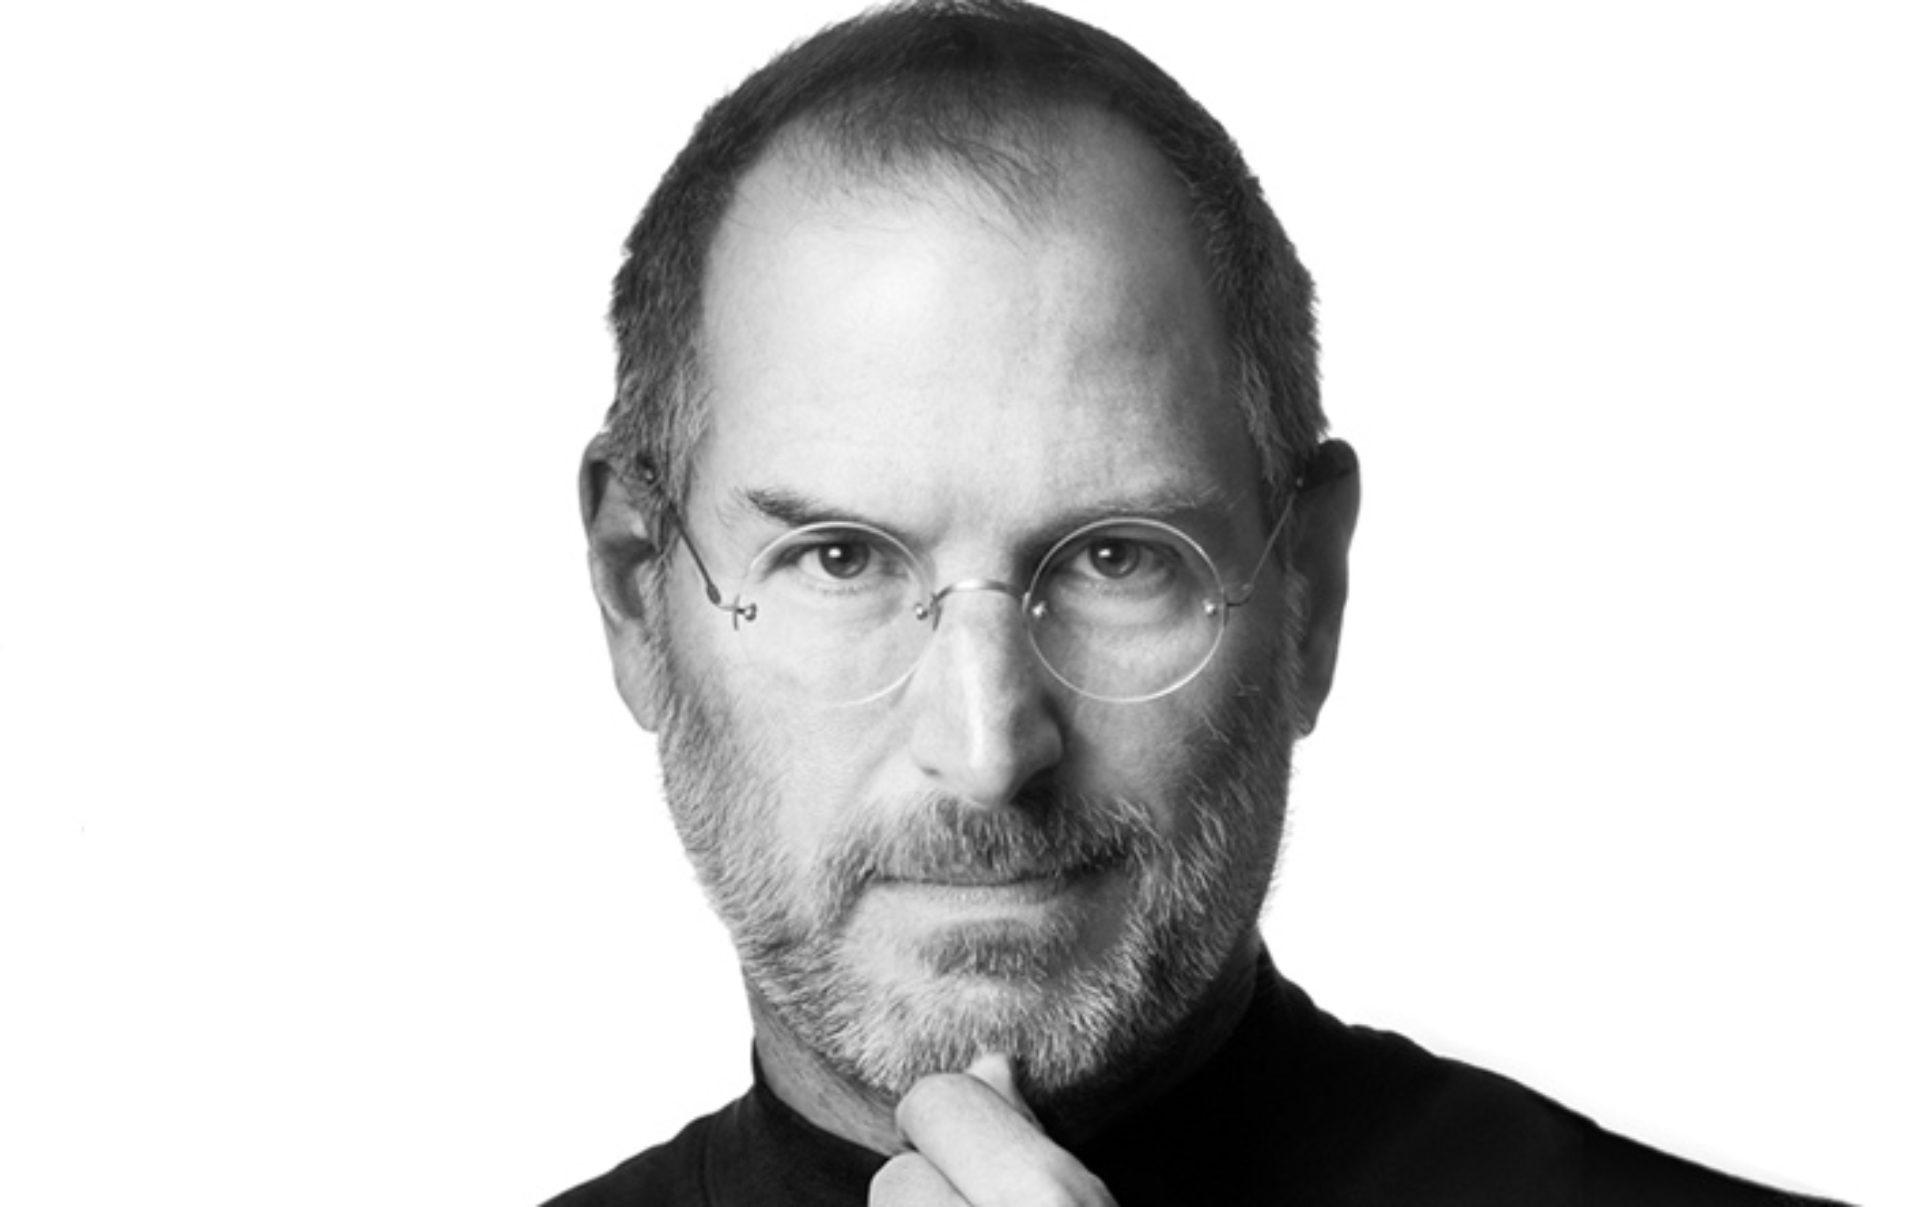 Steve Jobs volgens de astrologie verklaard